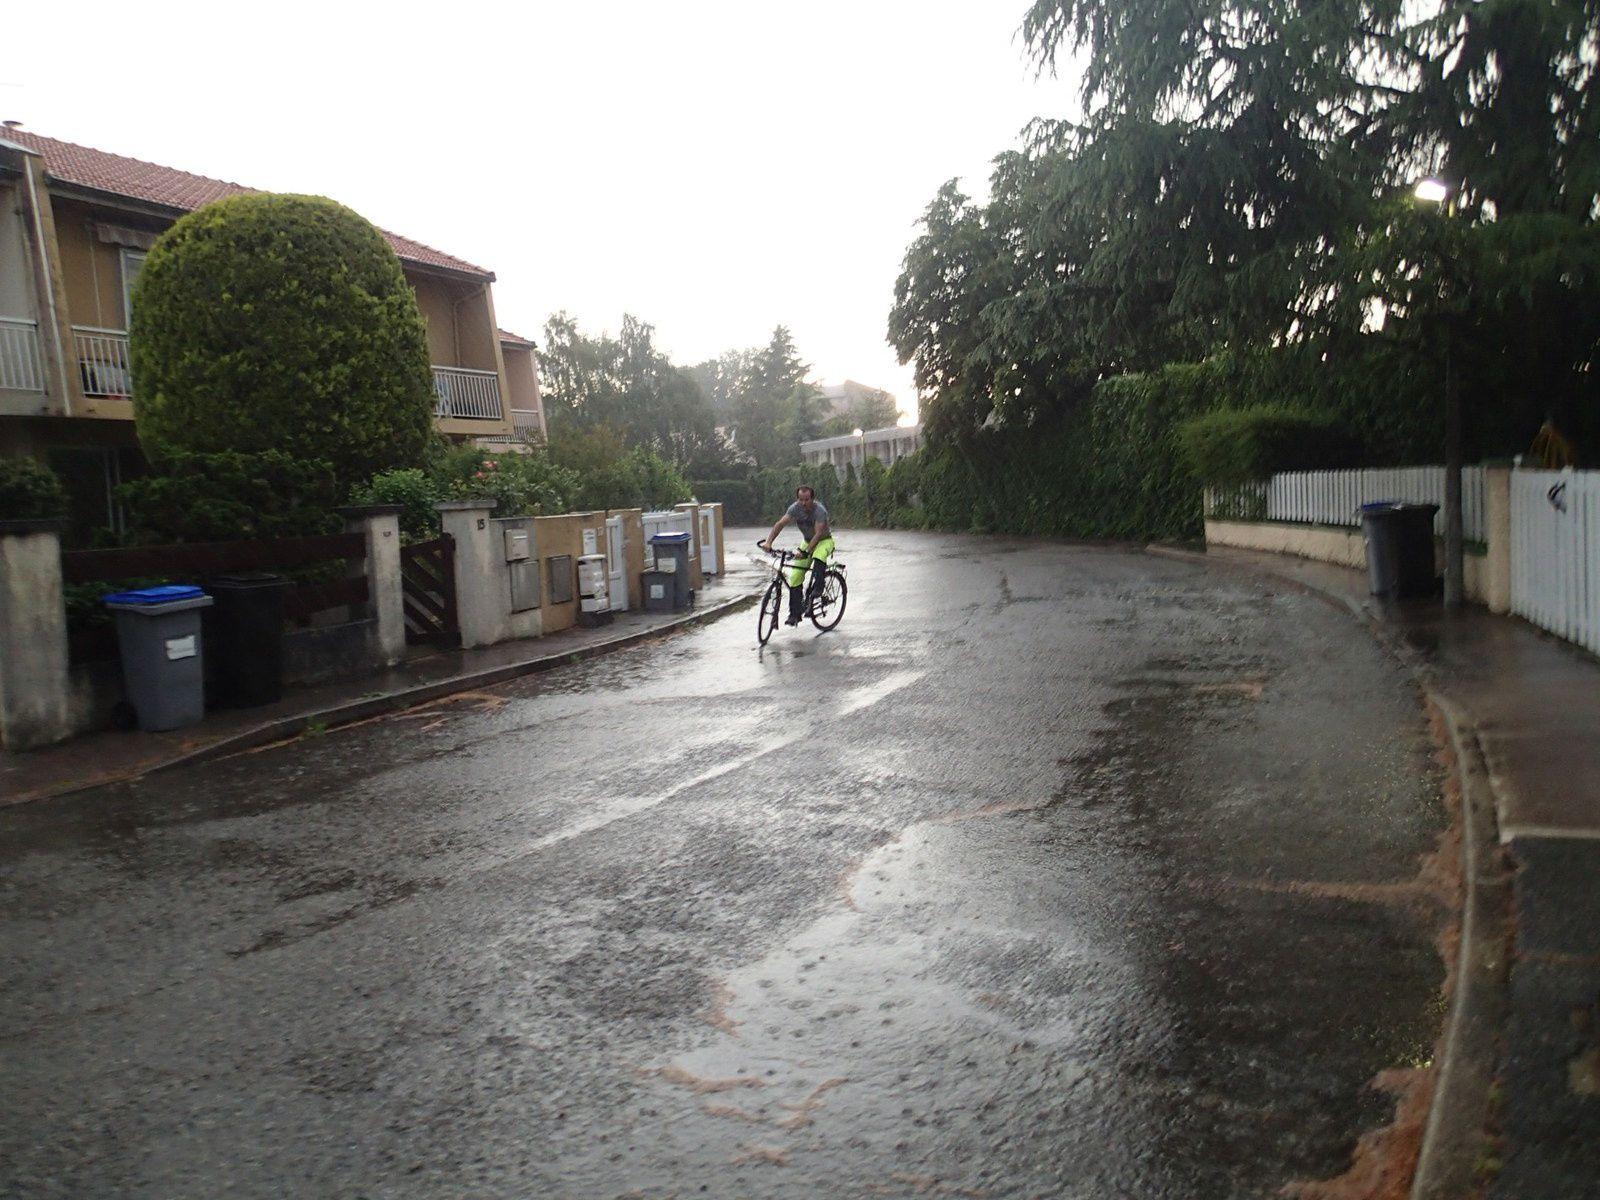 Si si, j'vous juuuuuuure que j'ai adoré rouler sous la pluie avec !!!!!